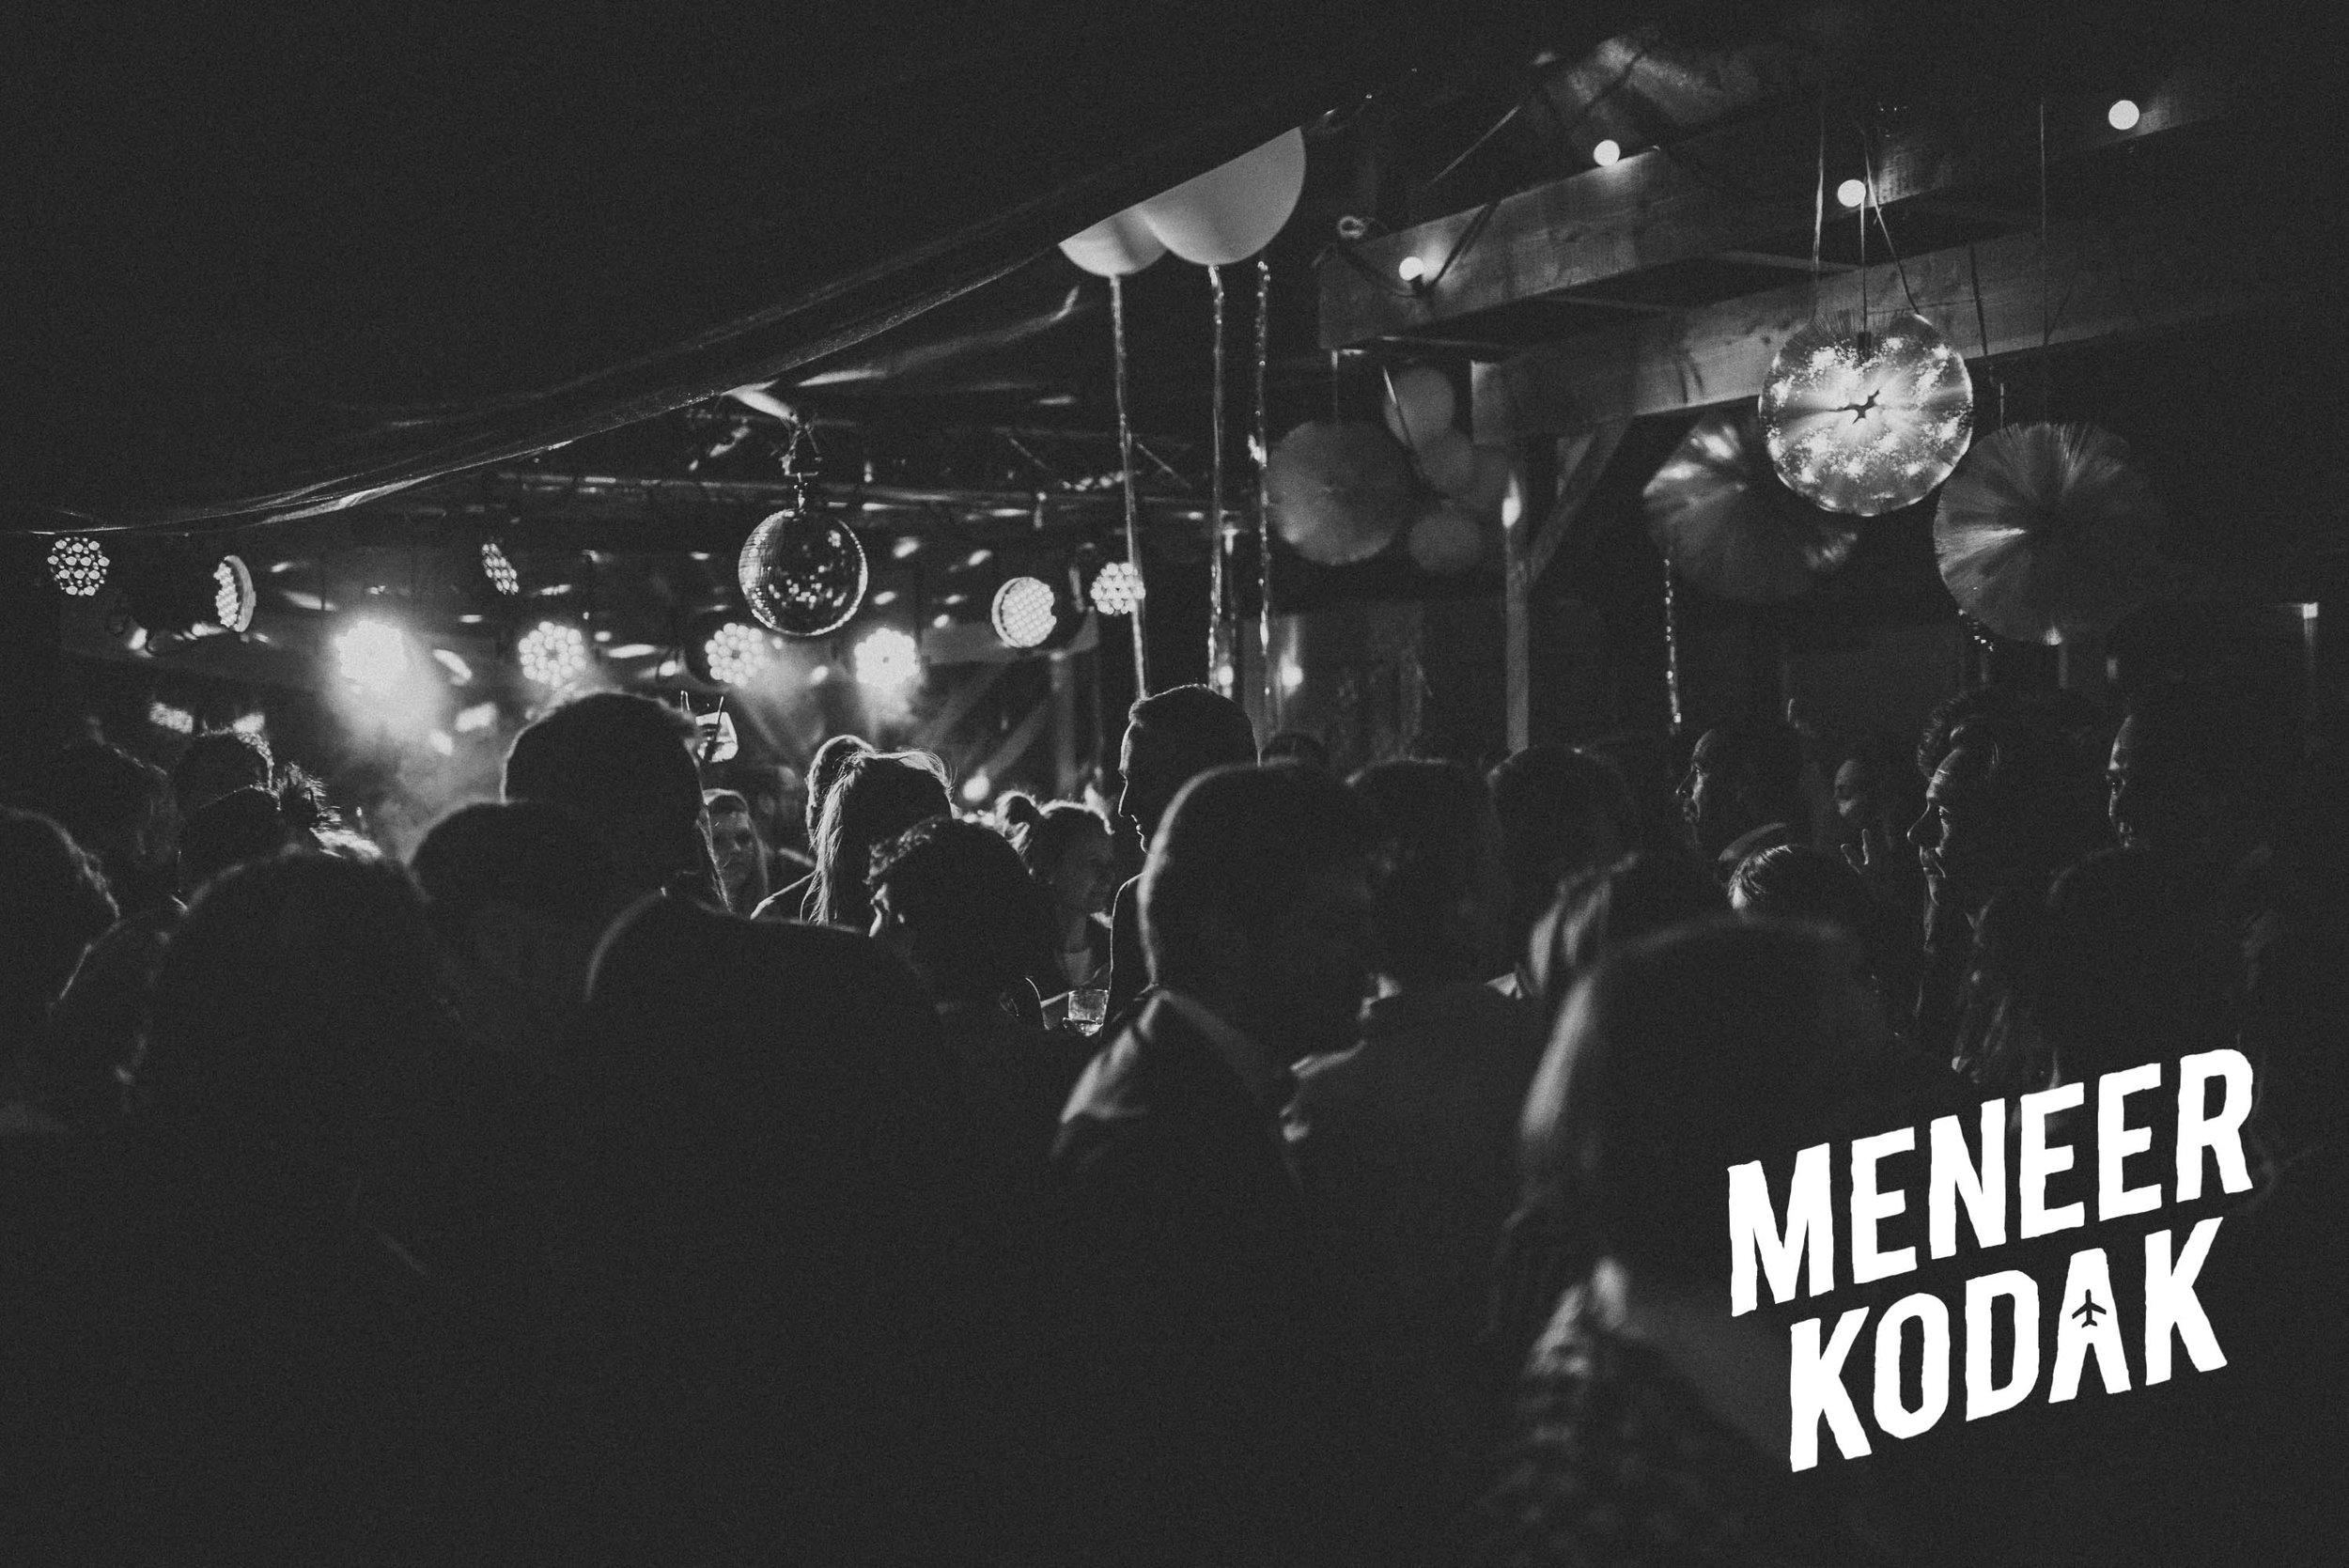 Meneer Kodak - Bruidsfotograaf - Amsterdam - M&J-054.jpg